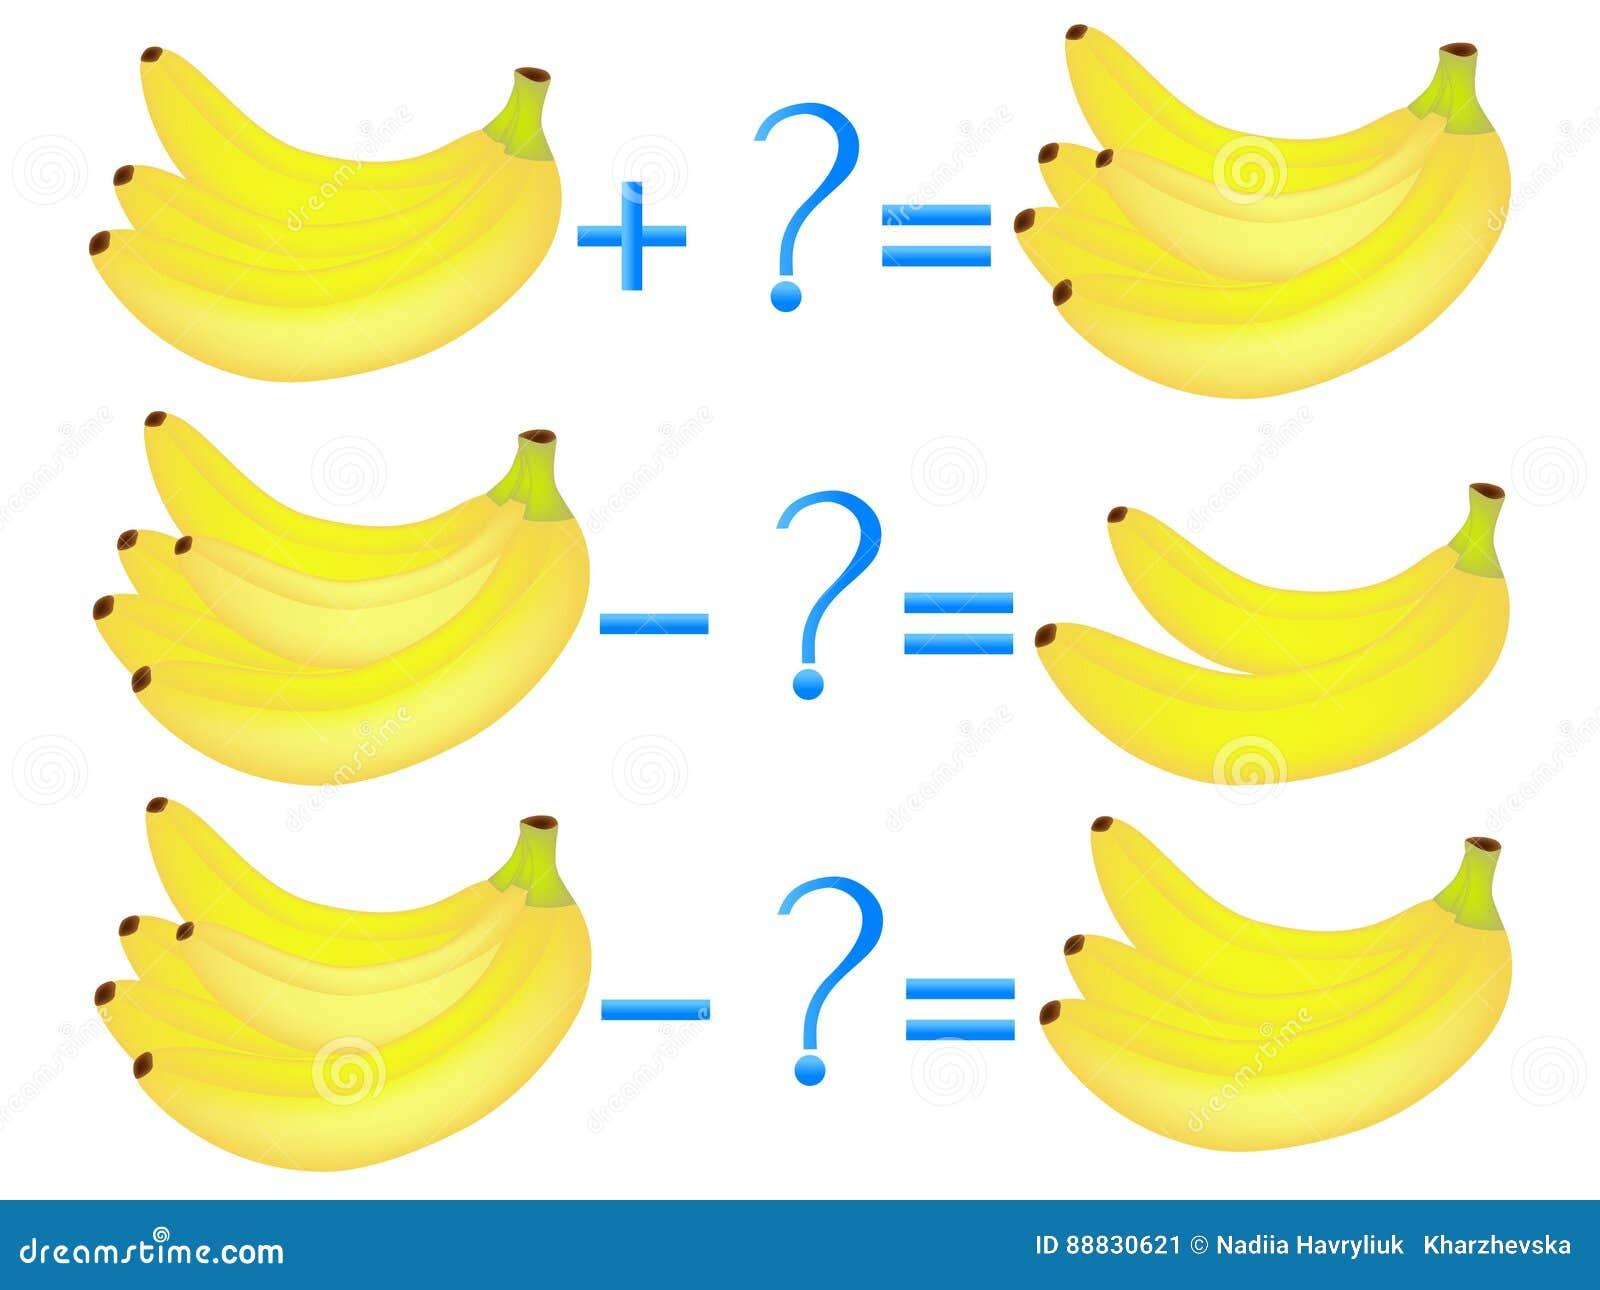 Akci związek dodatek i odejmowanie, przykłady z bananami Edukacyjne gry dla dzieci